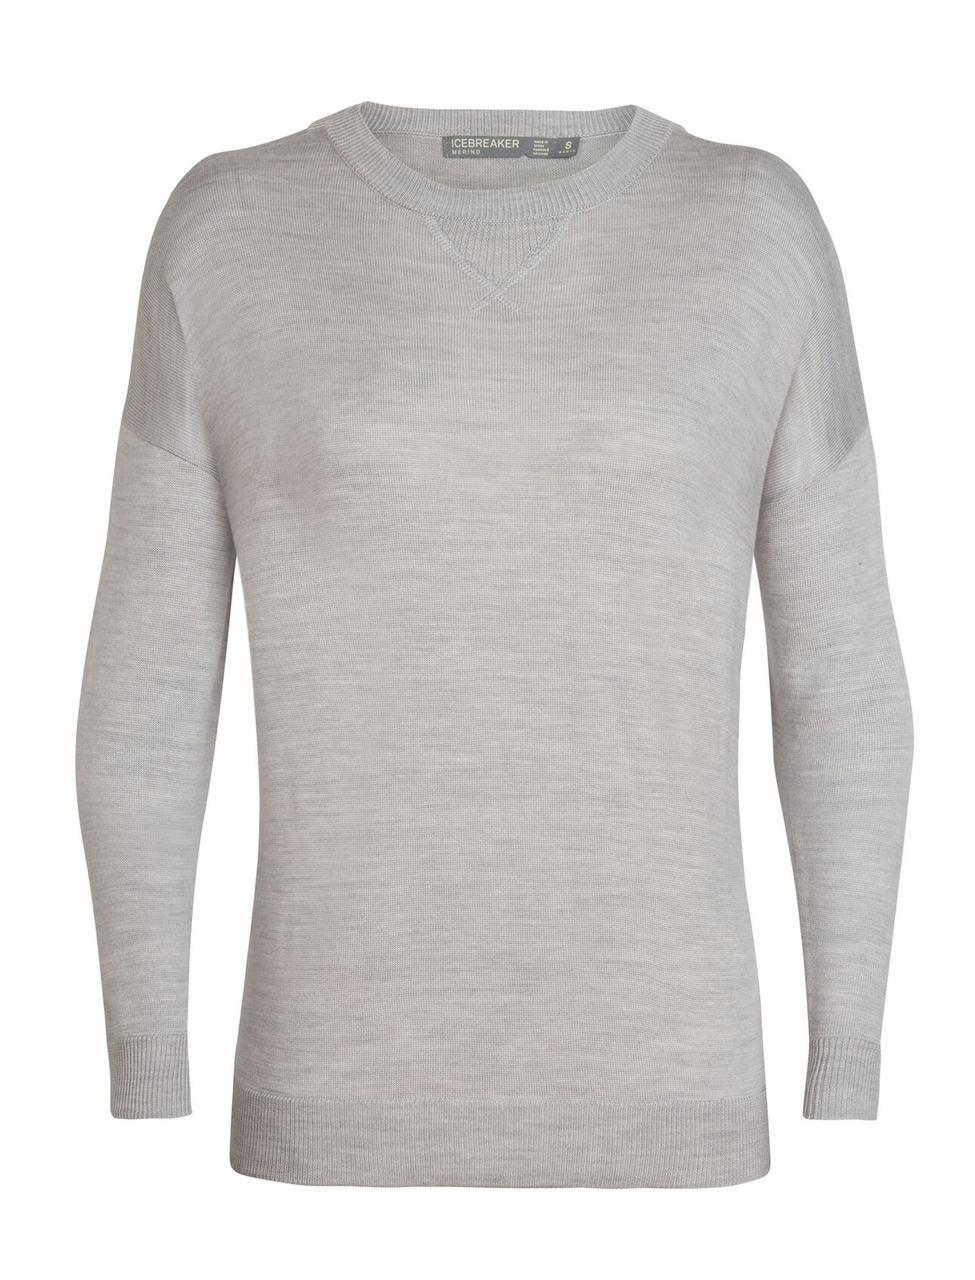 Свитер женский Icebreaker Nova Sweater Sweatshirt